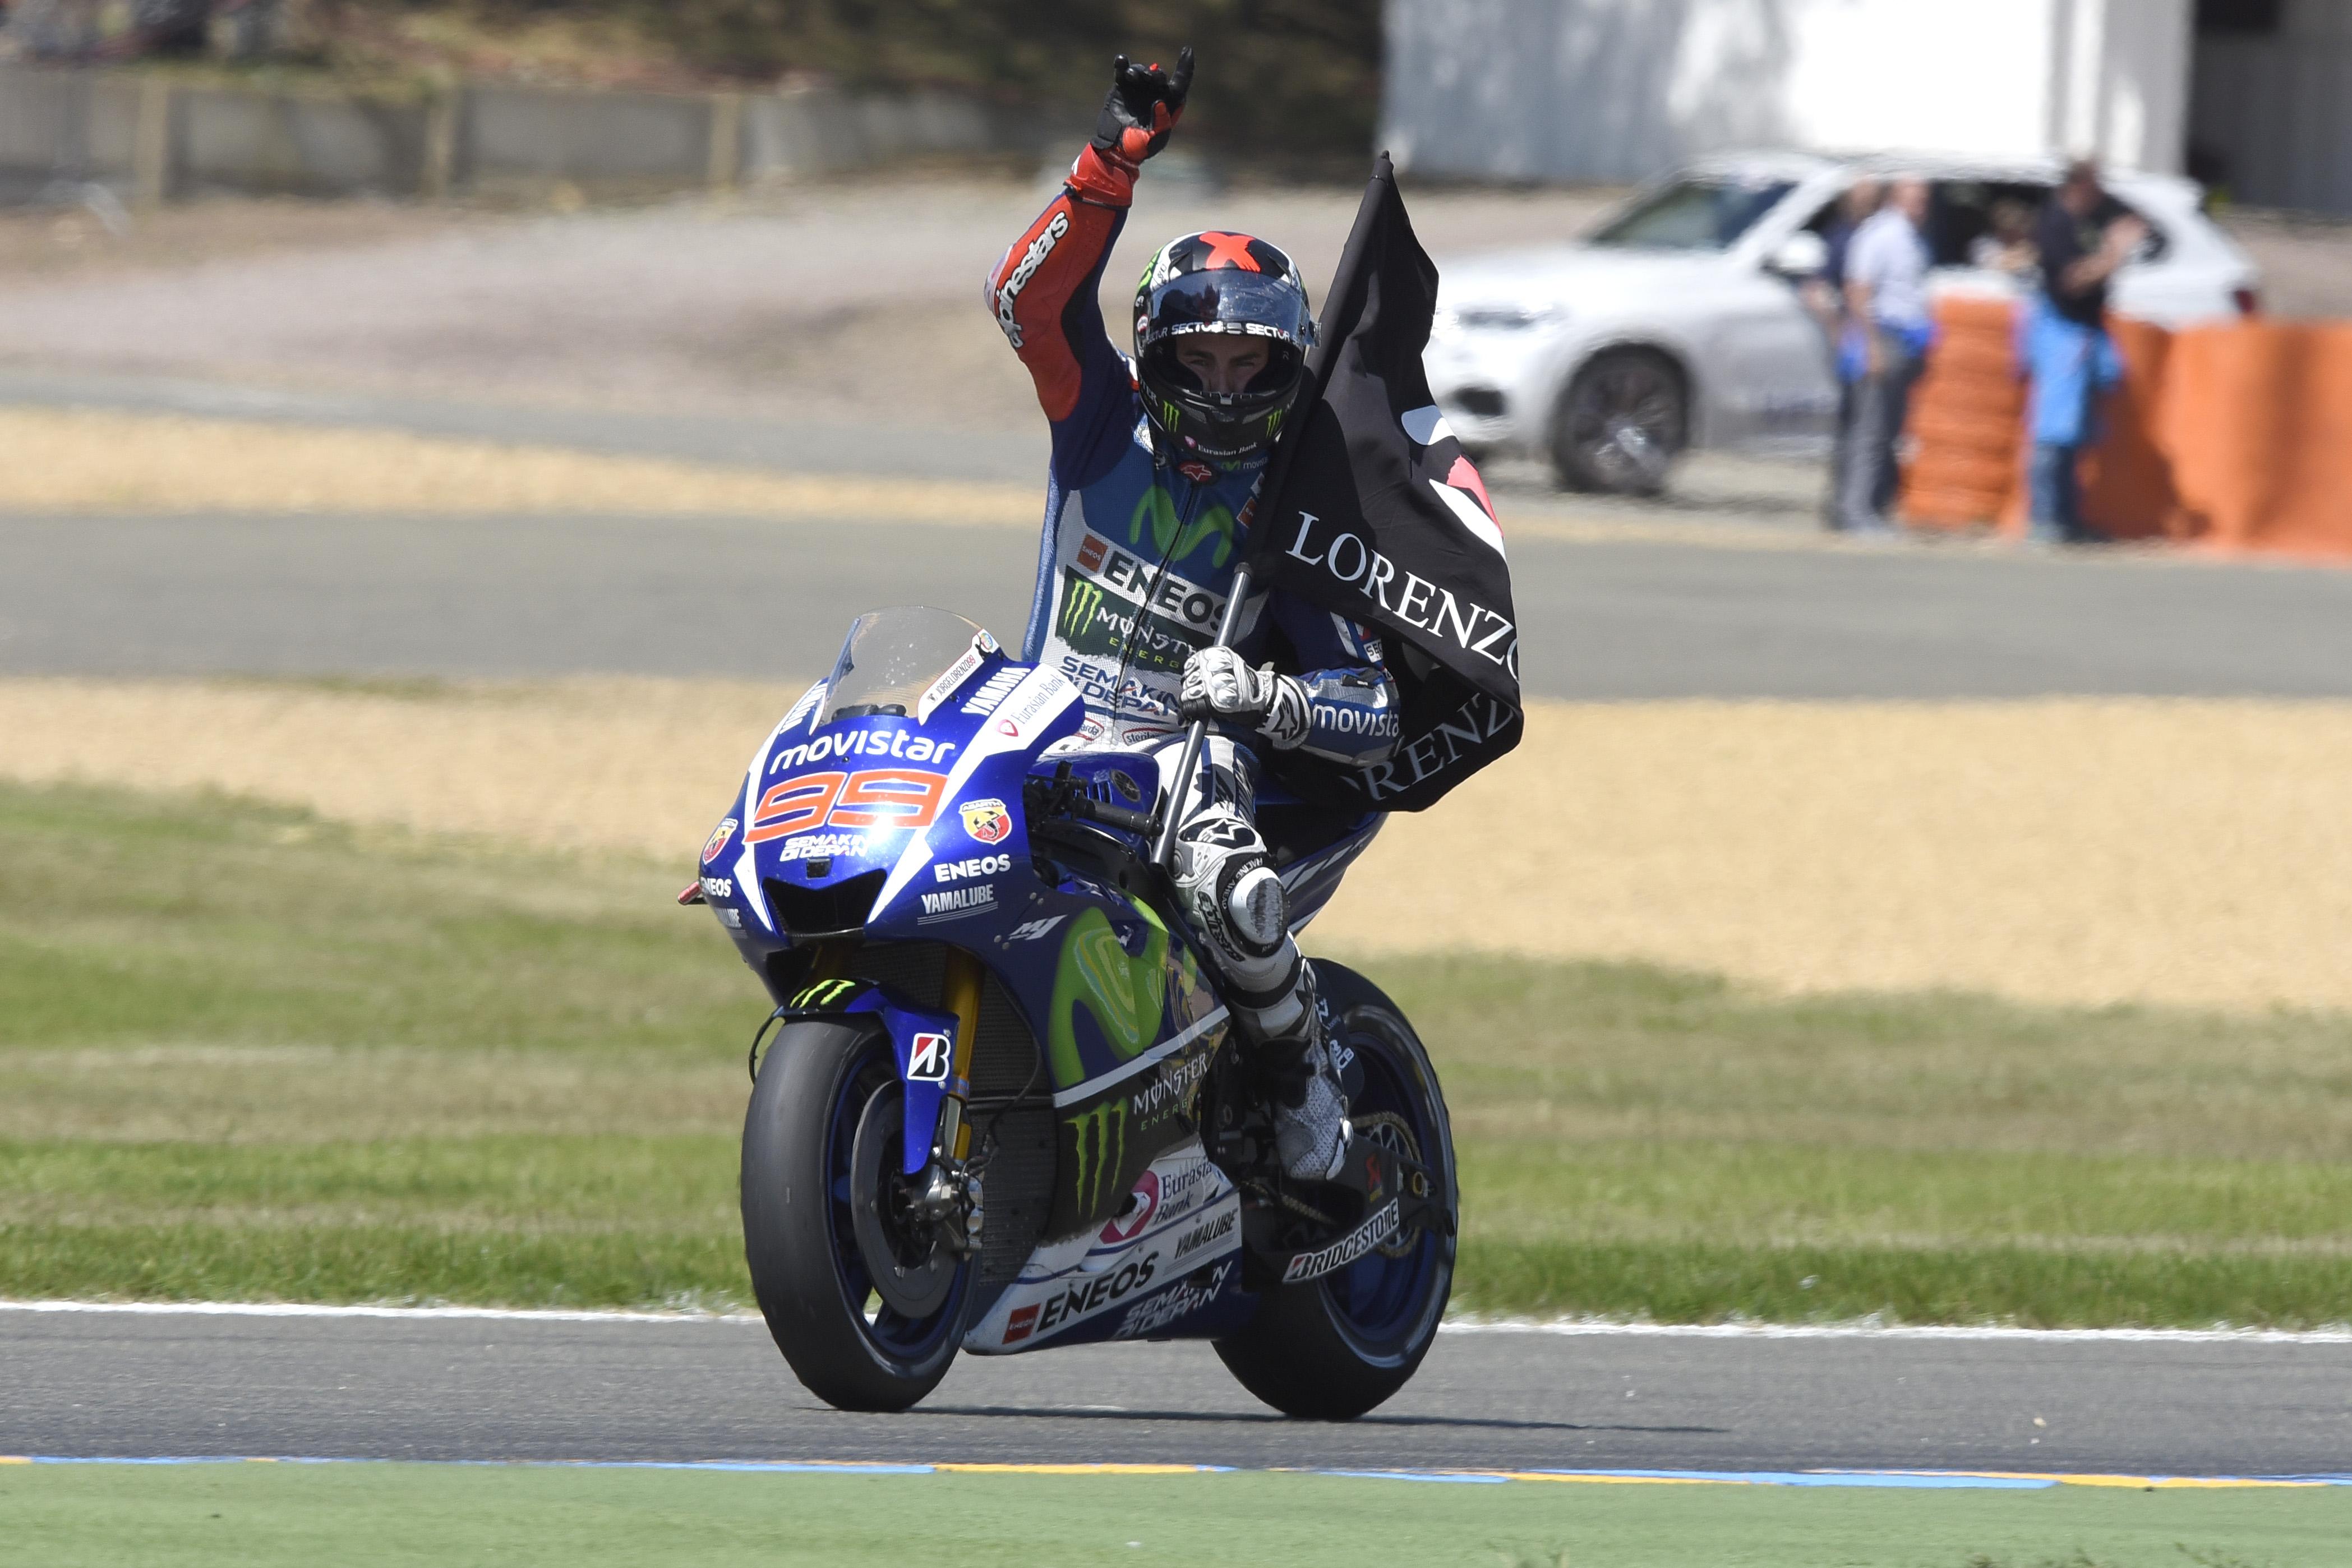 Lorenzo trionfa a Le Mans, Rossi e Dovi sul podio